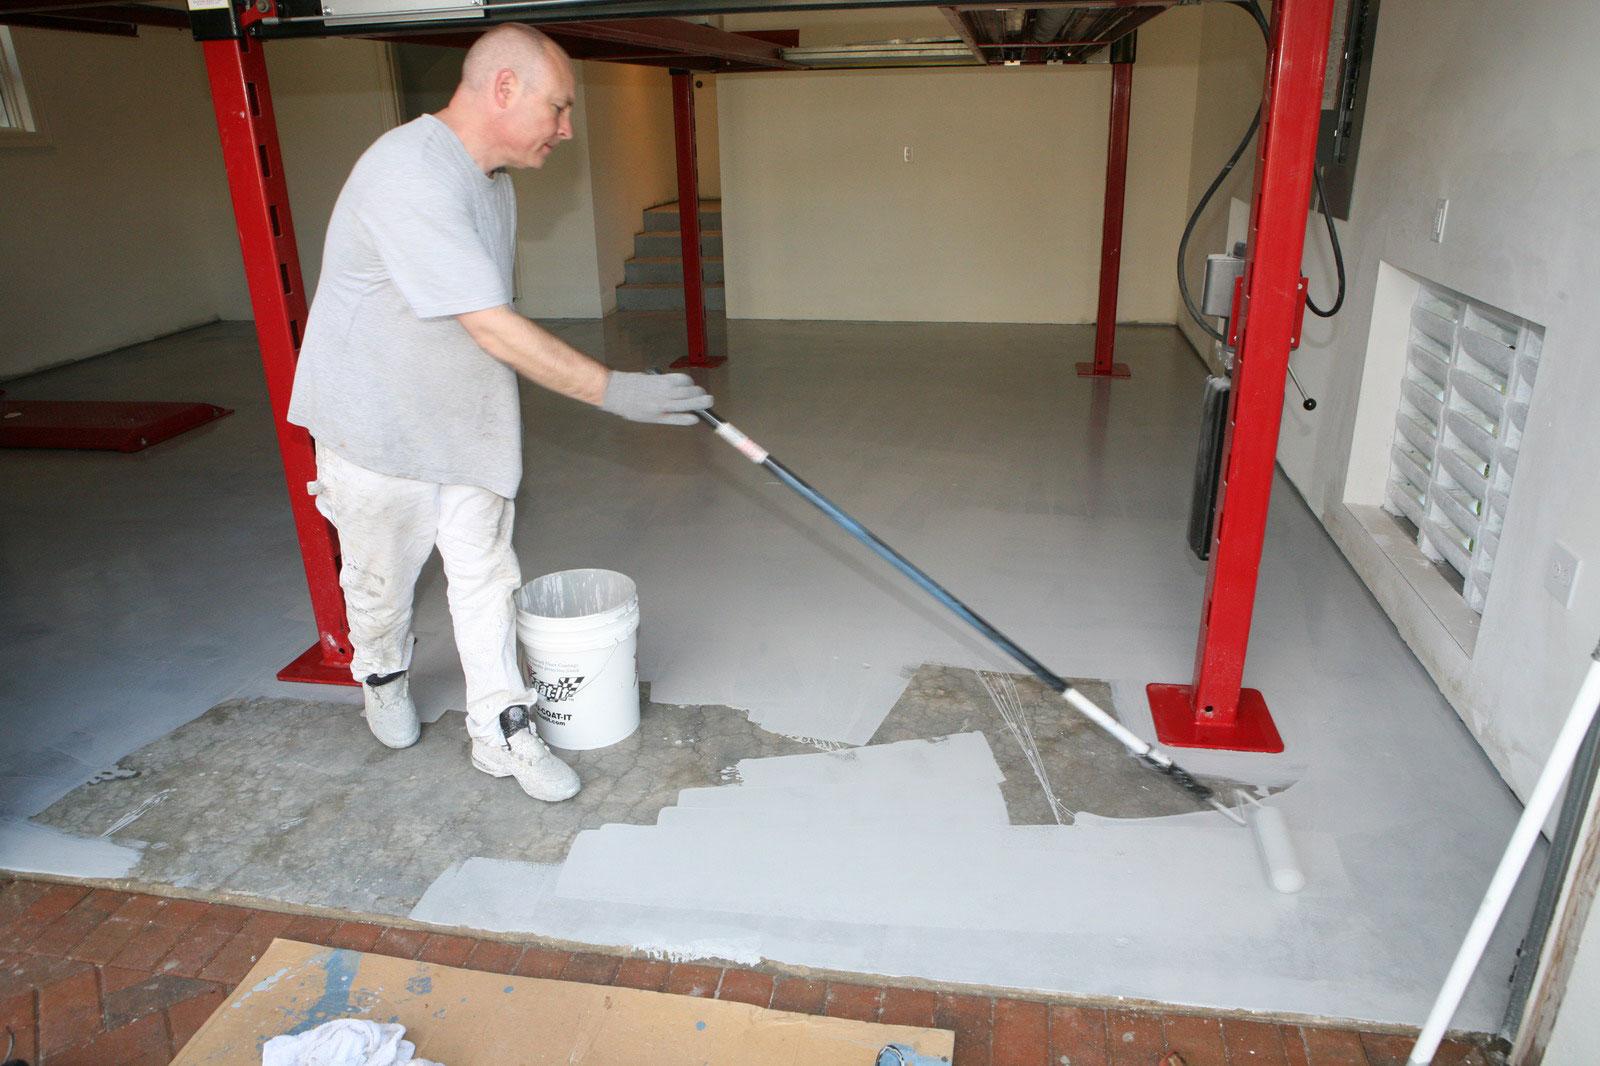 Чем покрыть бетонный пол в гараже, чтобы не пылил: какие материалы лучше и дешевле